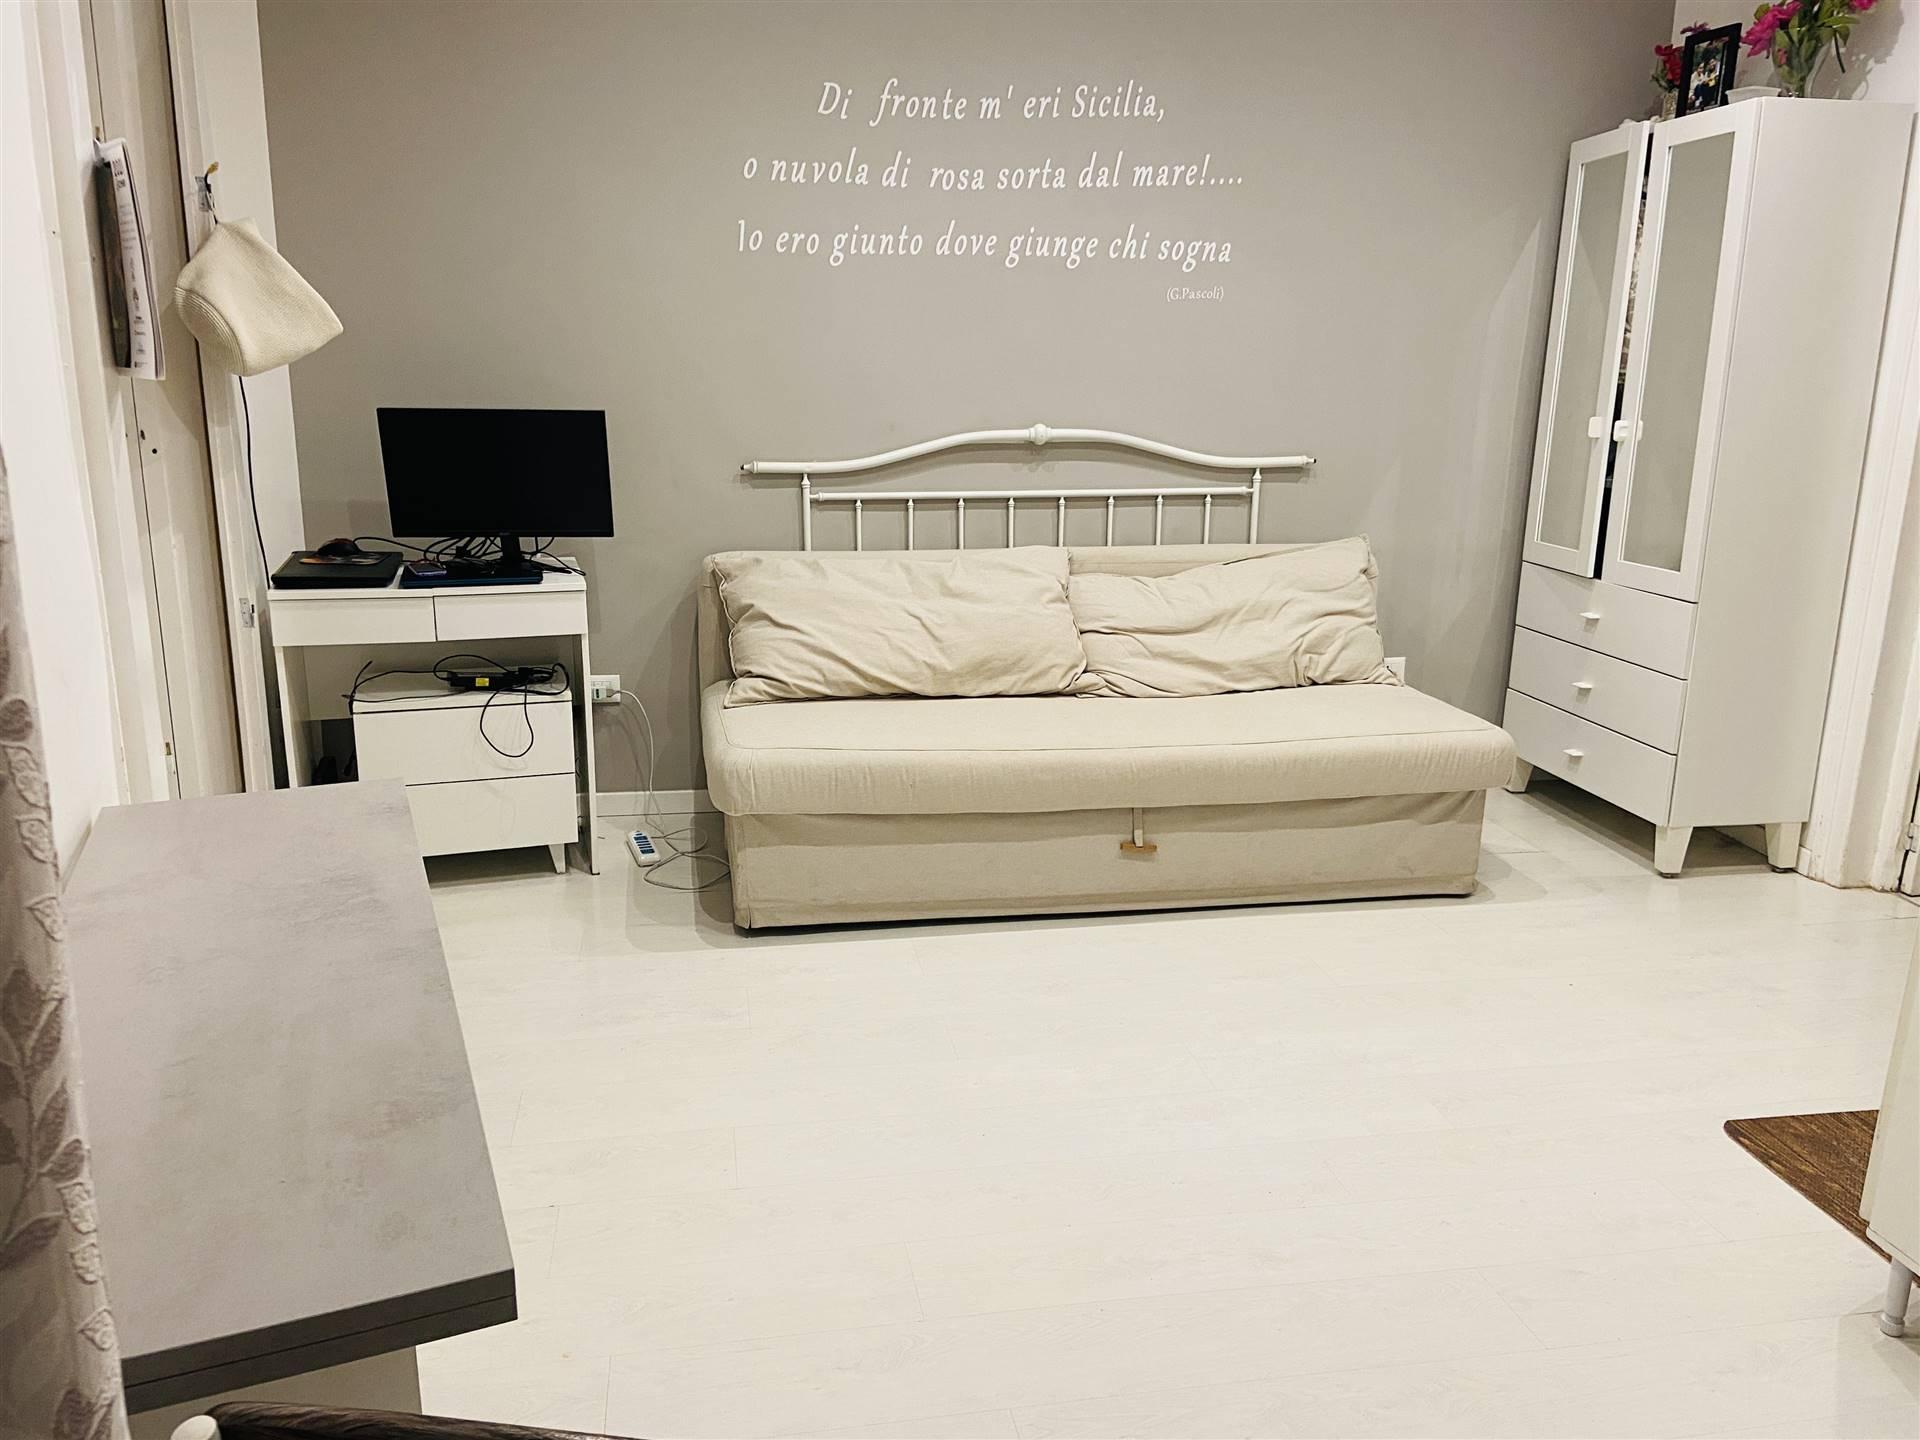 PIAZZA MARINA, PALERMO, Appartamento in affitto di 35 Mq, Ottime condizioni, Riscaldamento Autonomo, Classe energetica: G, posto al piano 3°,